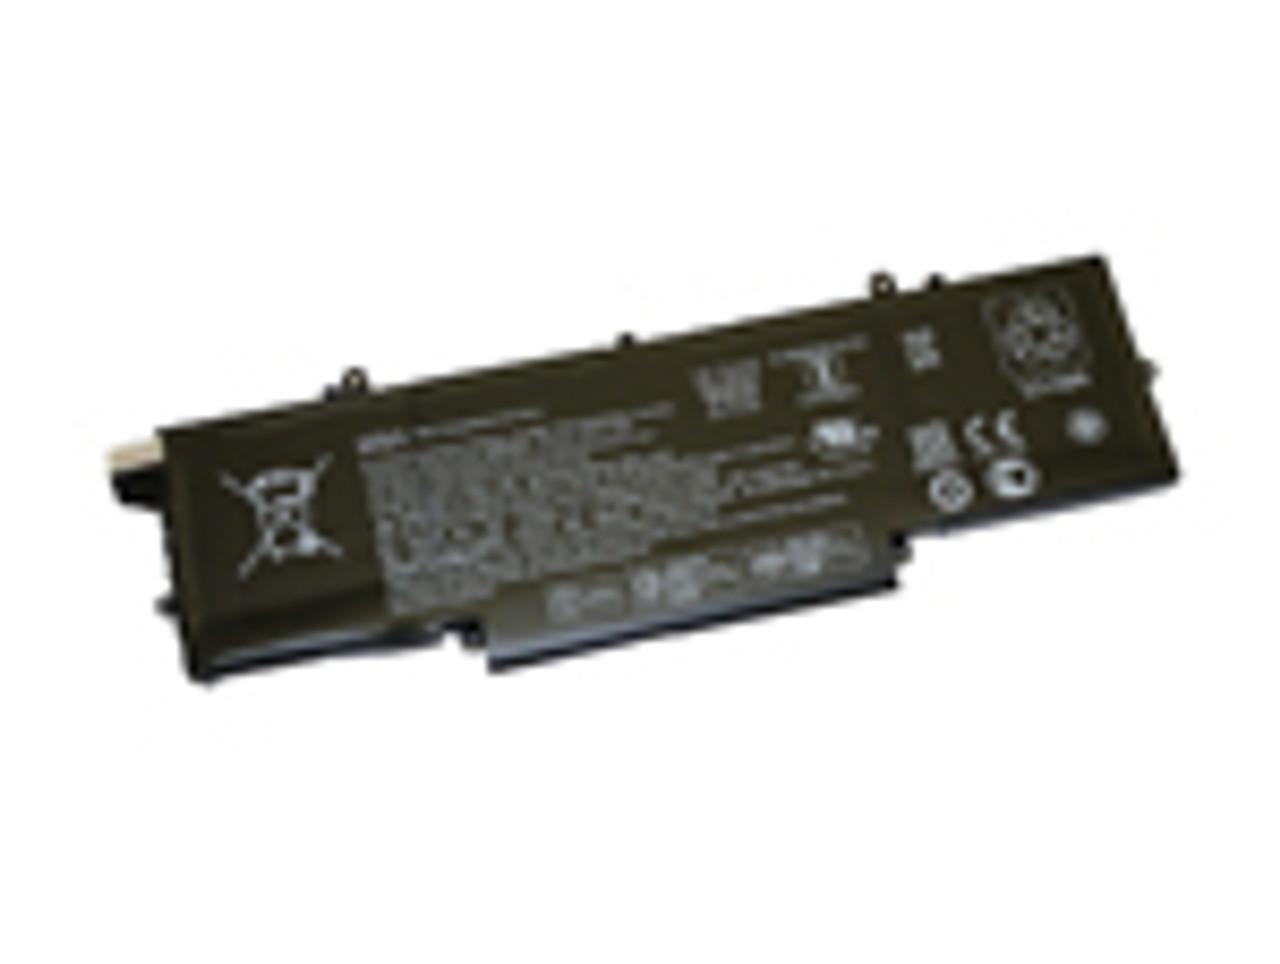 Laptop Battery for HP Elitebook 1040 G4 (11.55V, 5800mAh, 67Whr)